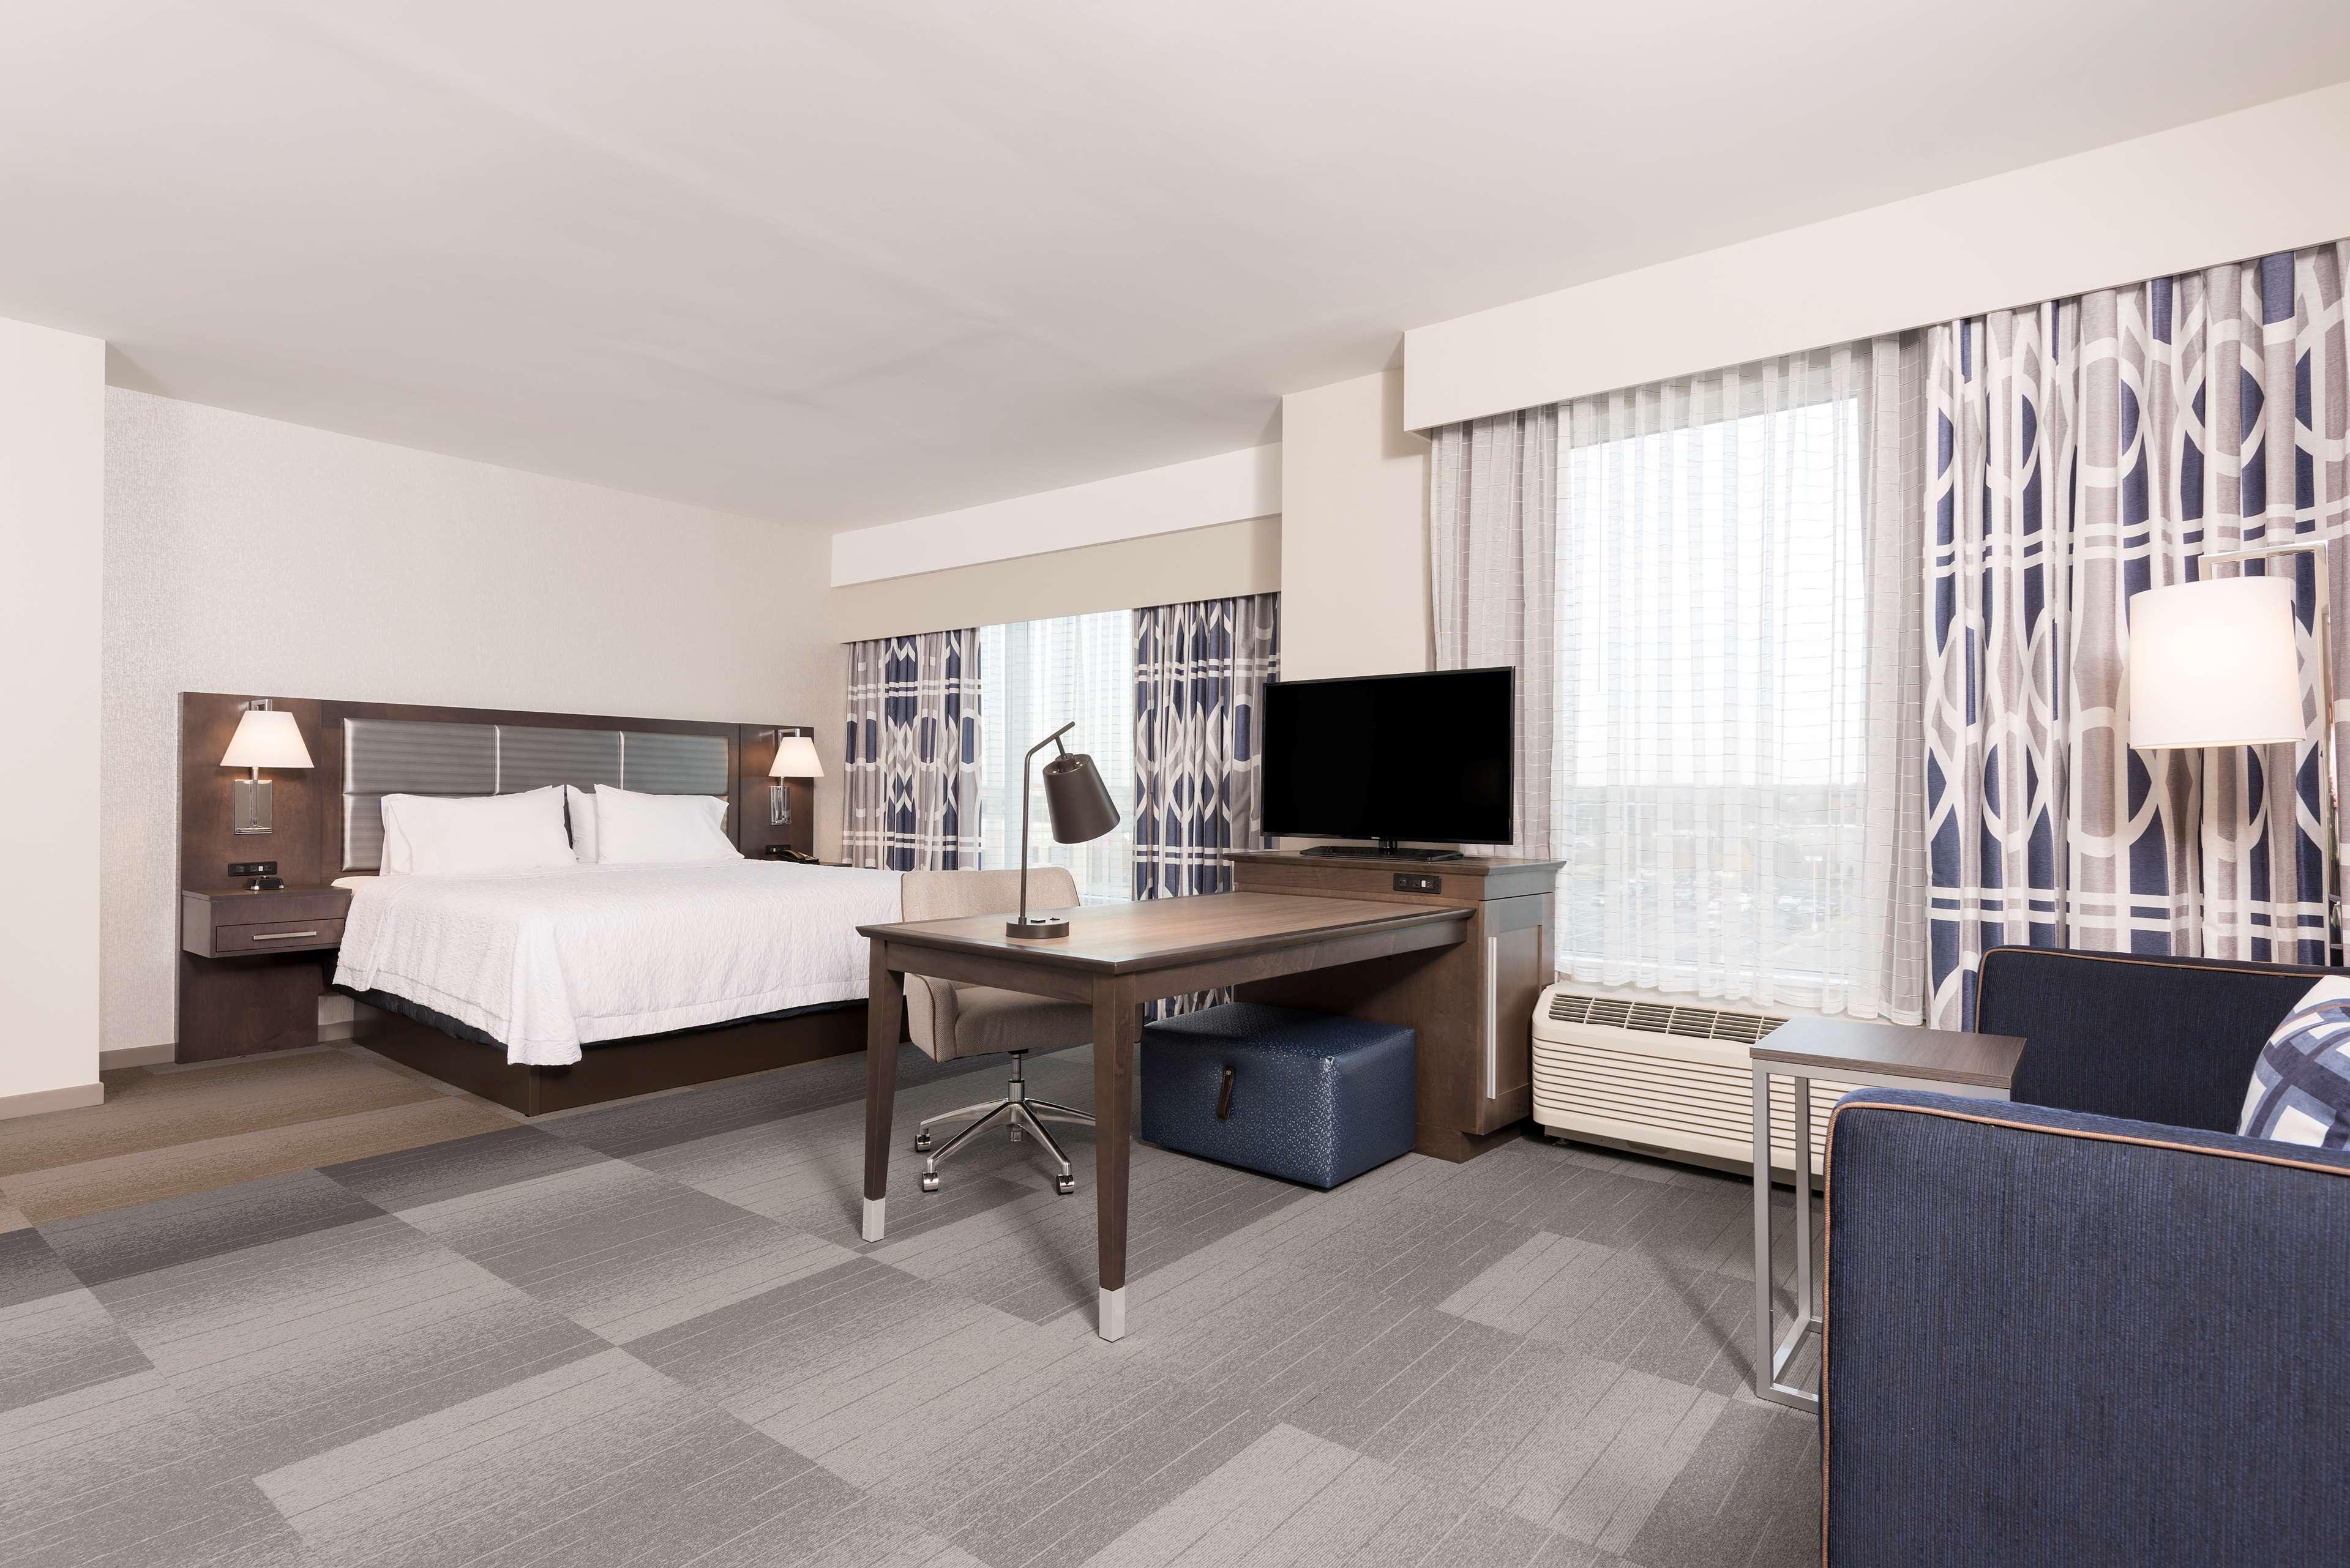 Hampton Inn & Suites Indianapolis-Keystone image 16